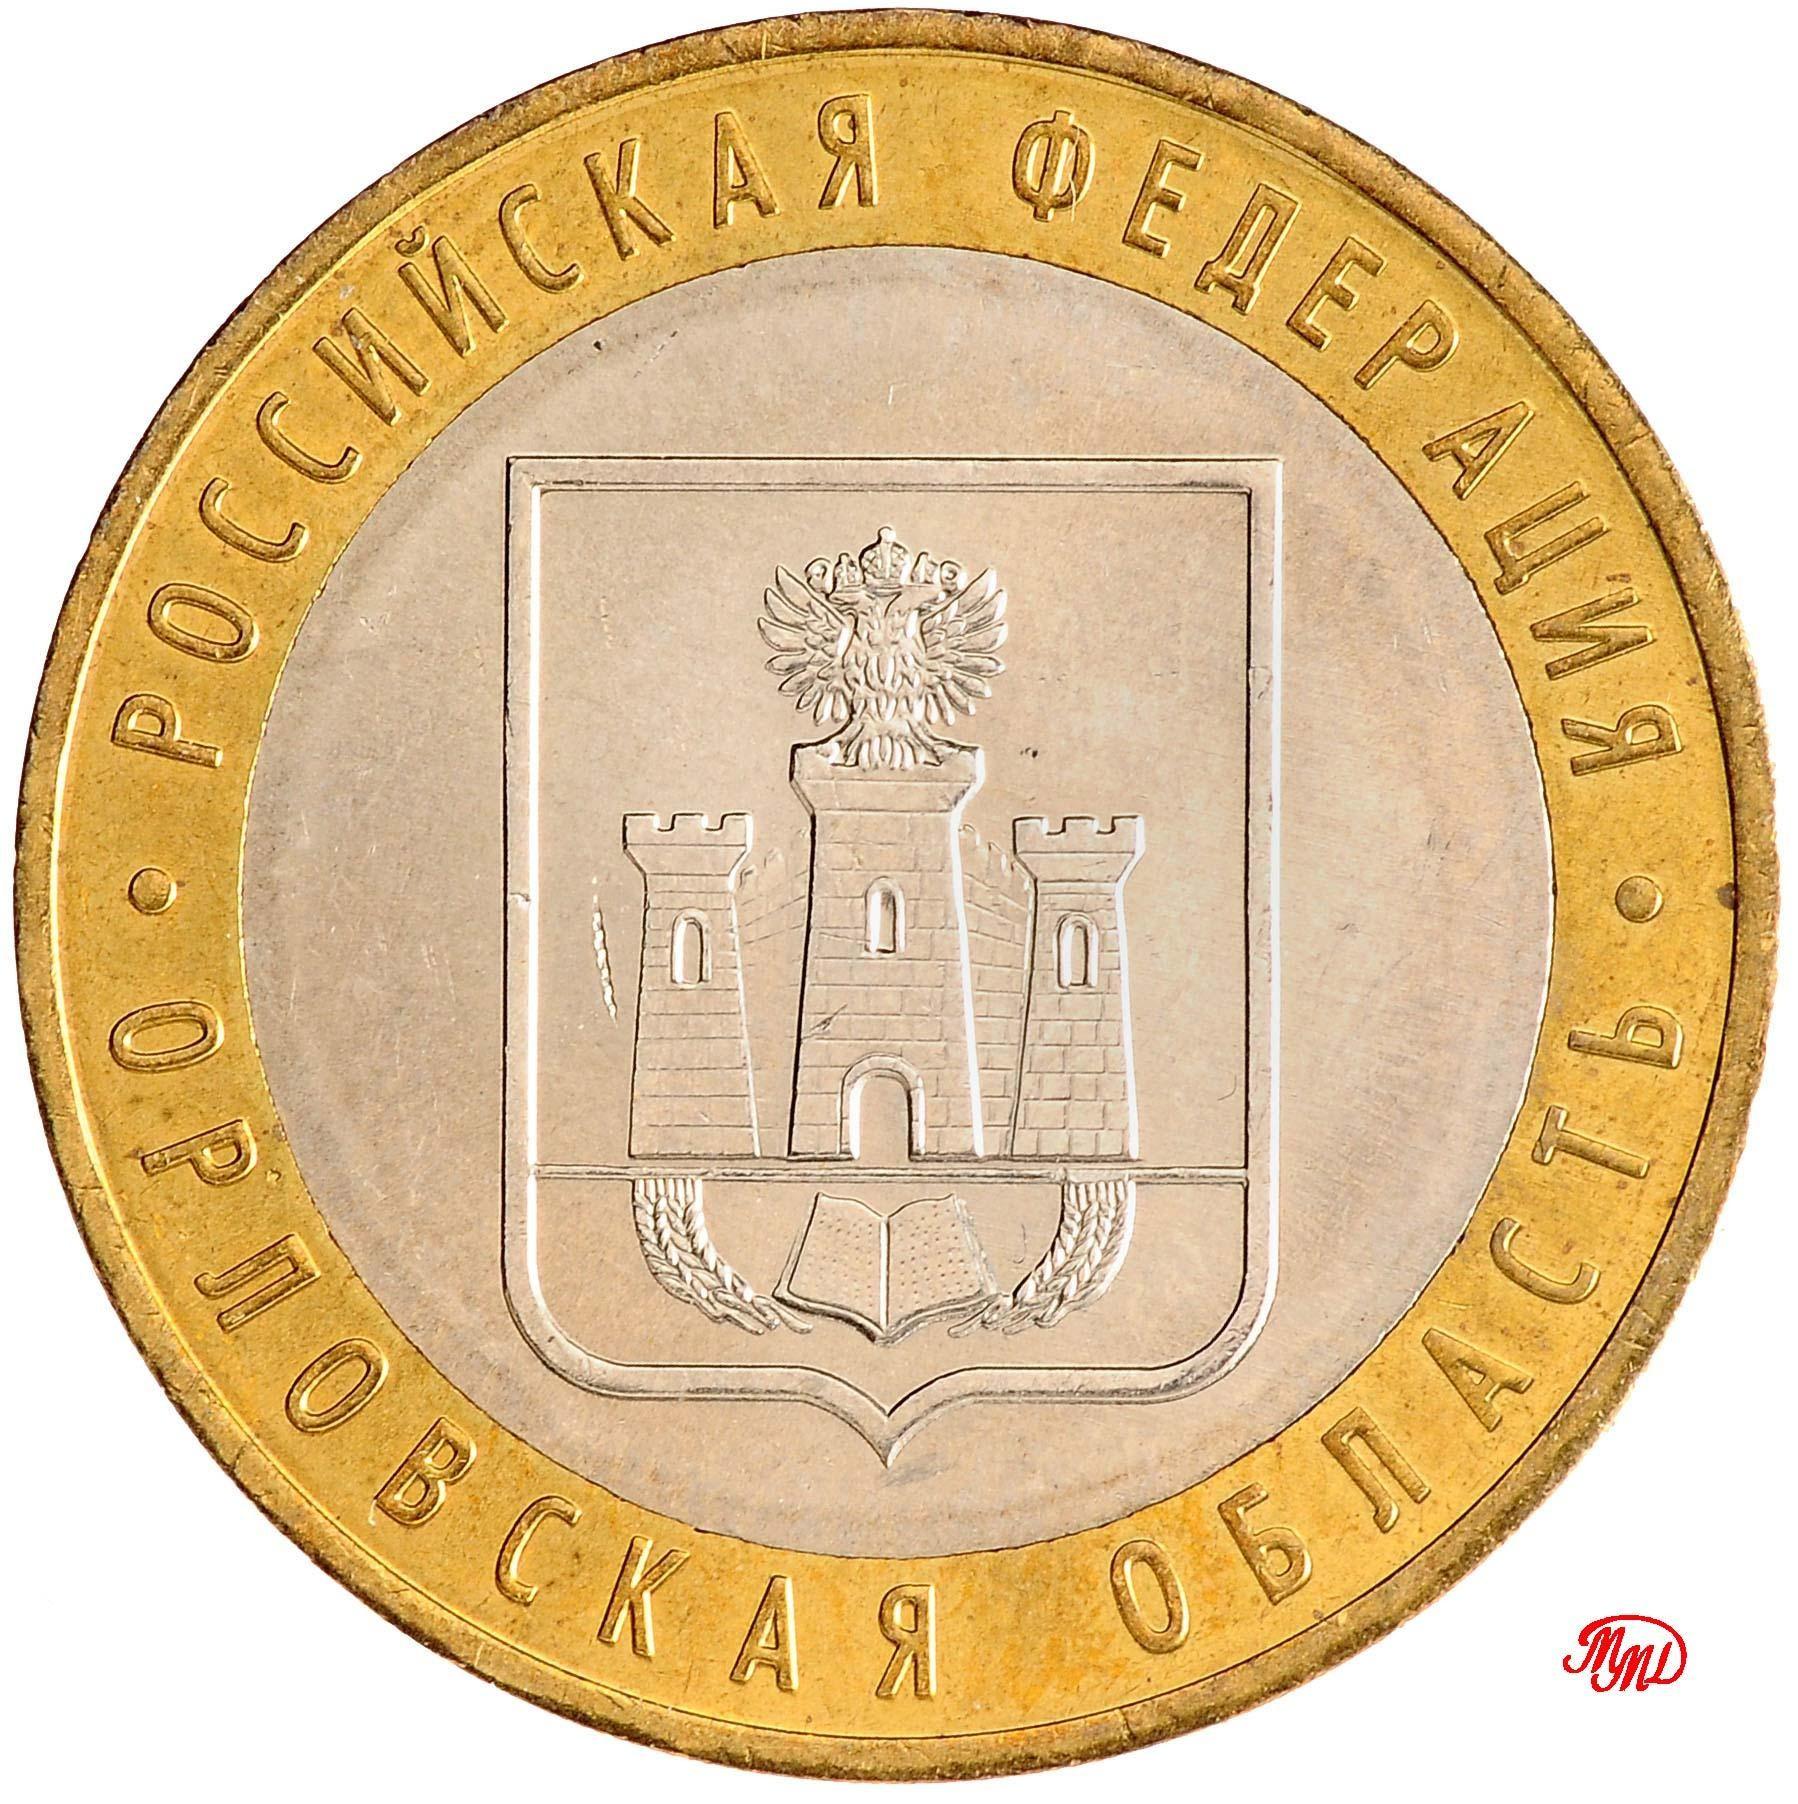 Мешковая монета 10 рублей 2005 ММД Орловская область